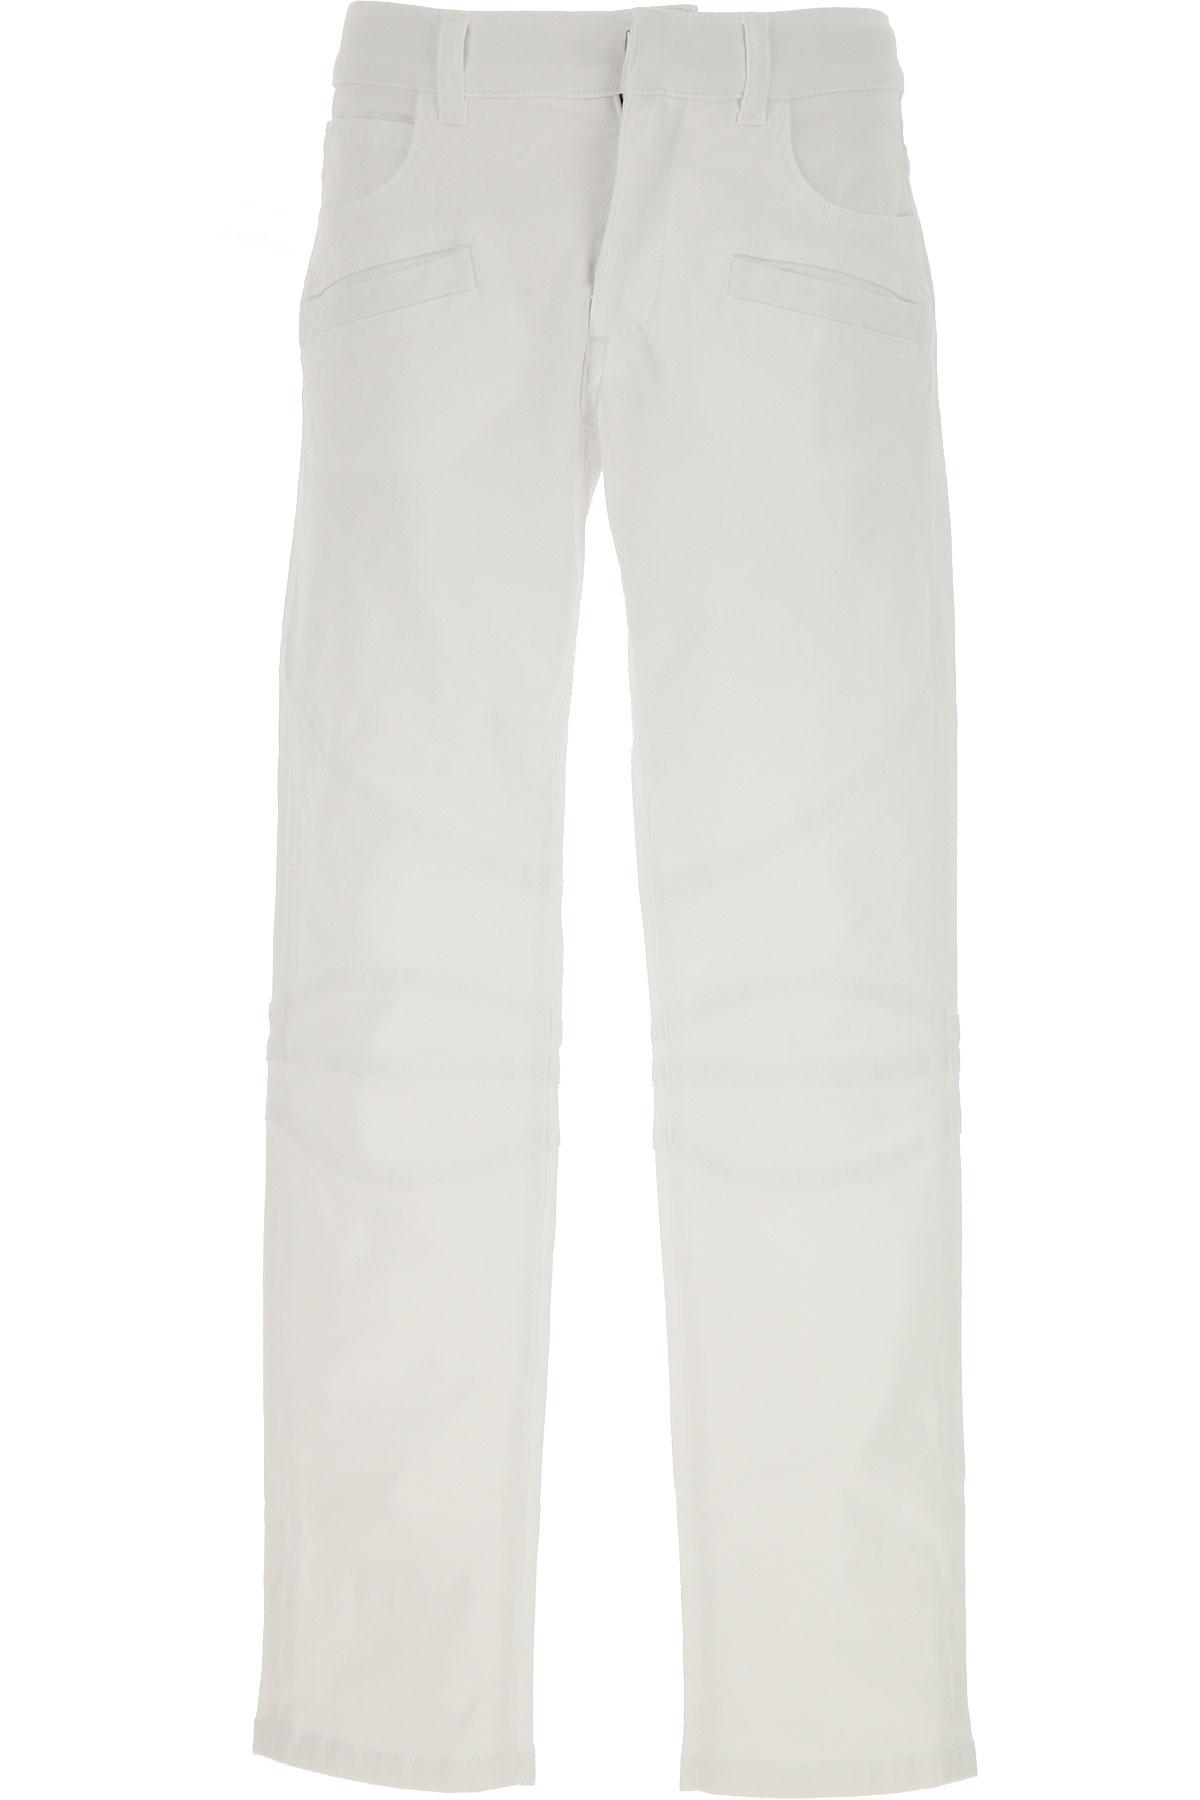 Balmain Kids Jeans for Boys, White, Cotton, 2017, 10Y 14Y 16Y 8Y